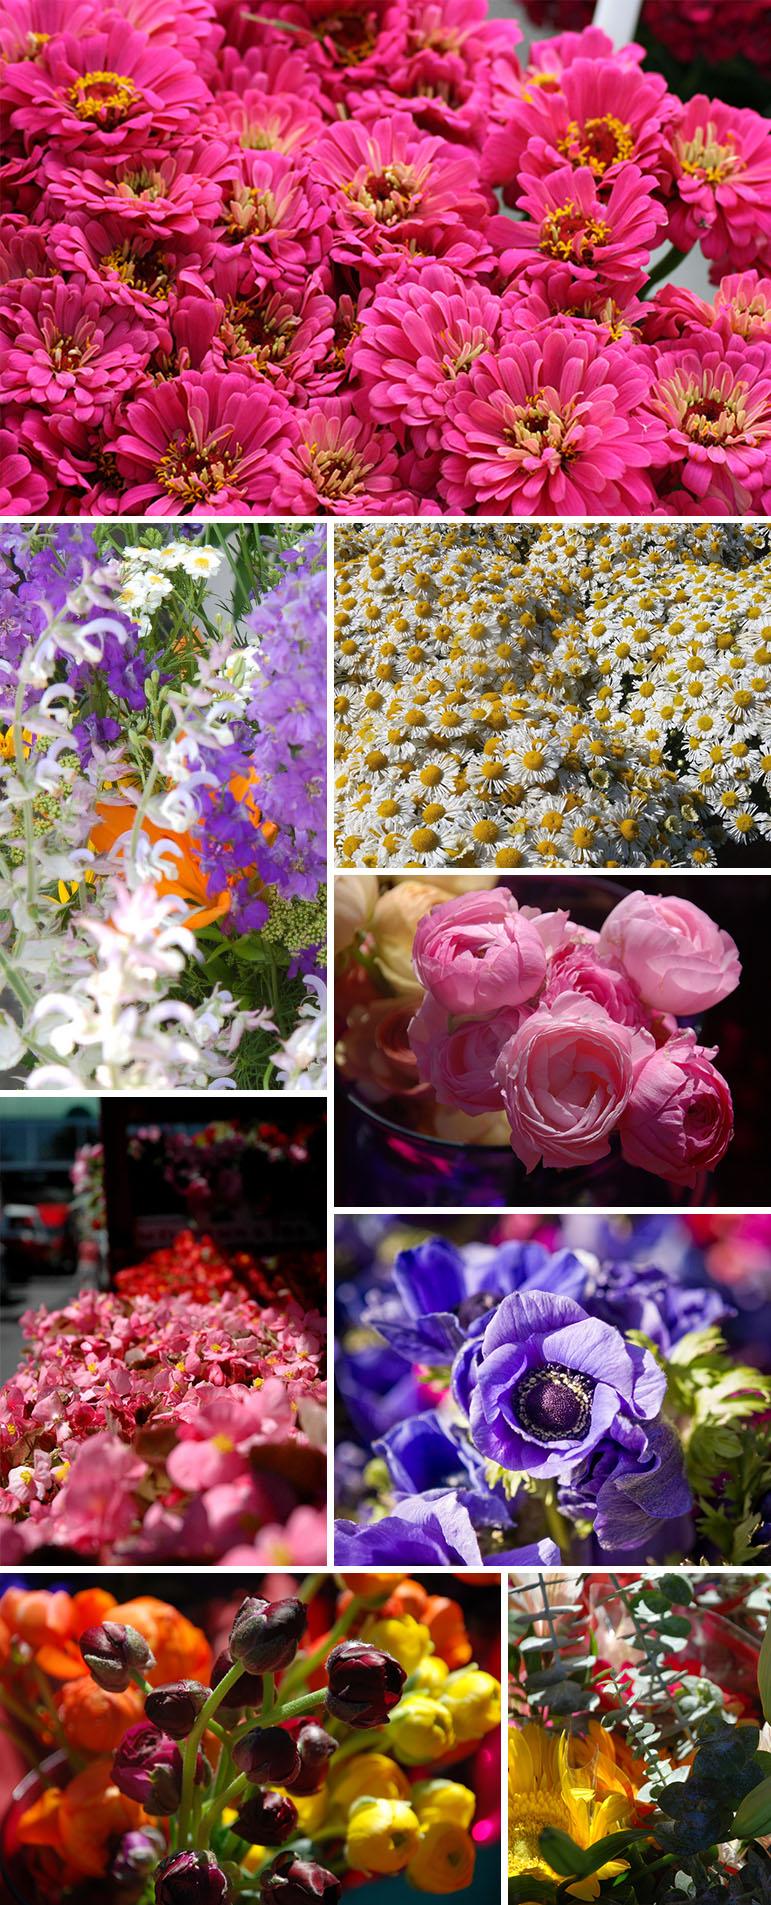 Farmersmarket_flowers